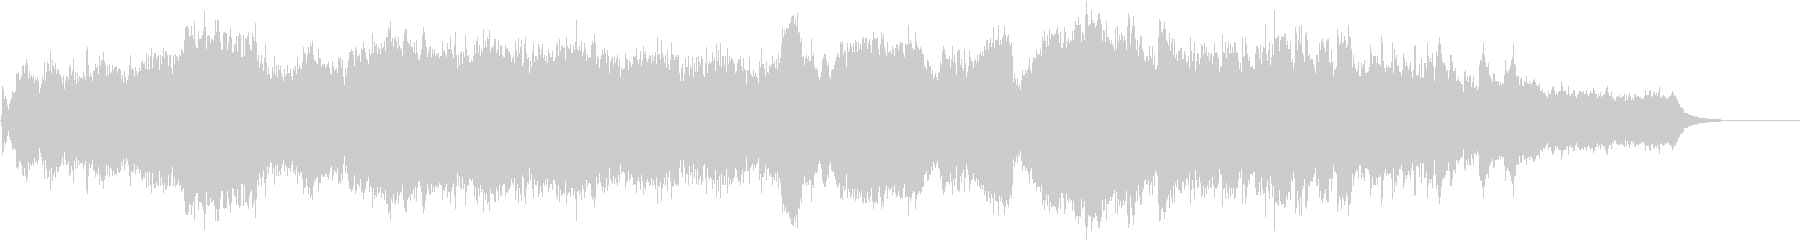 感動的で穏やかなRPG系オーケストラの未再生の波形